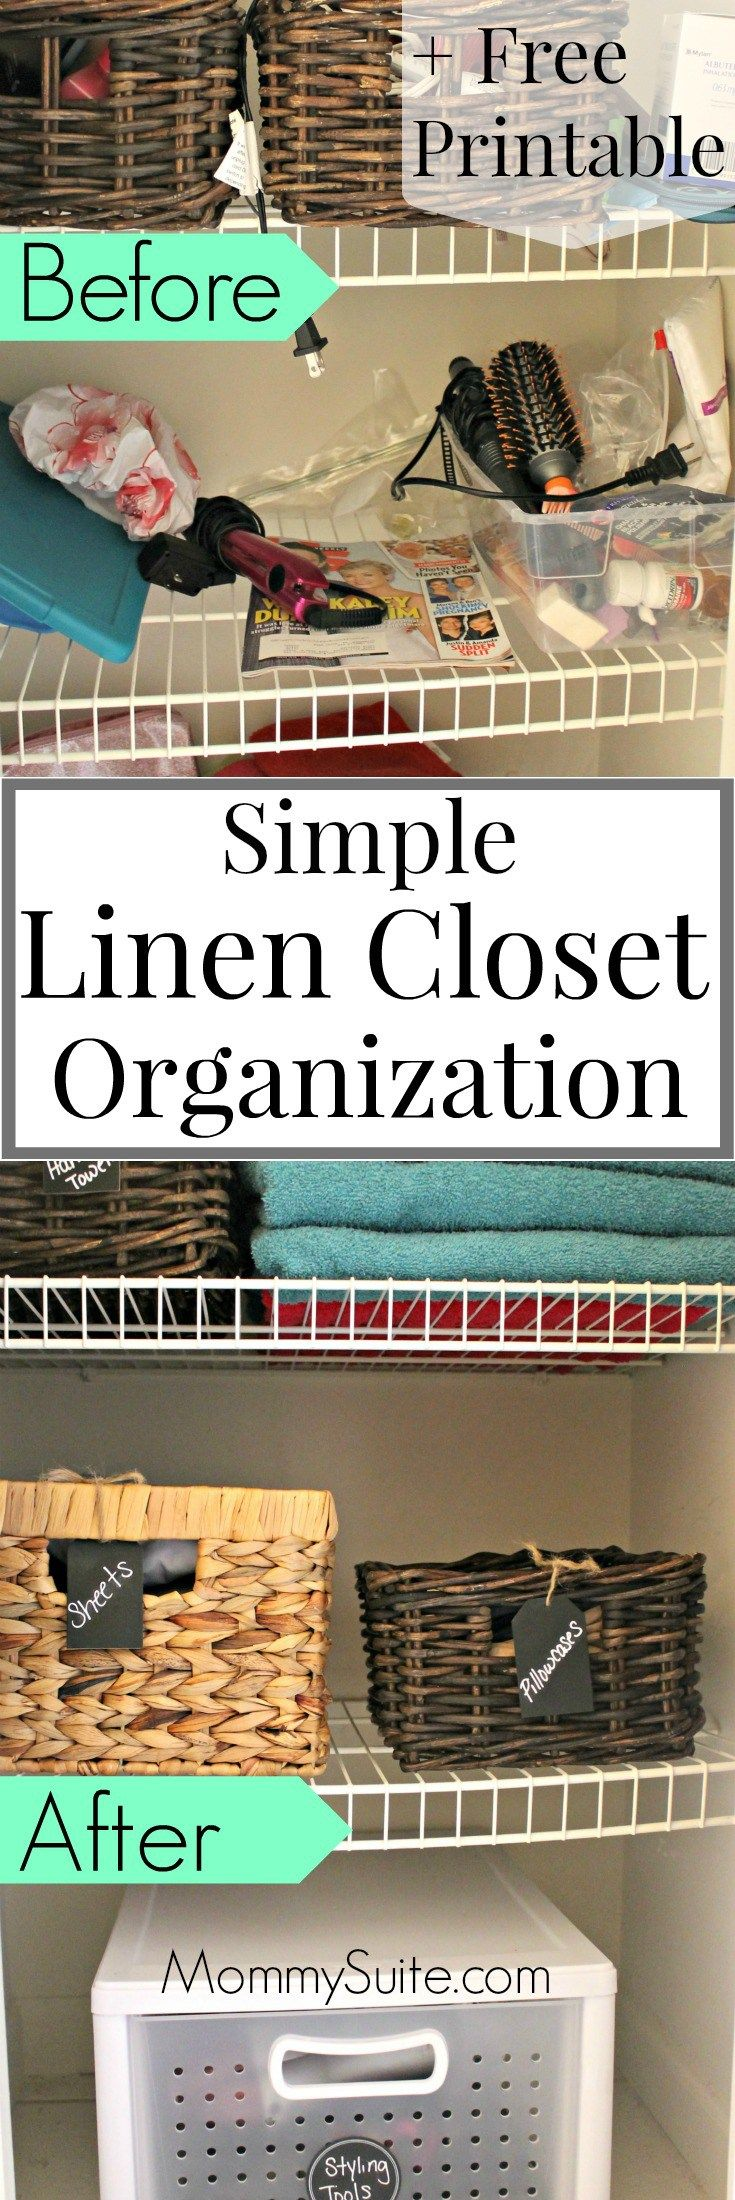 Best 25+ Small linen closets ideas on Pinterest | Organize a linen ...